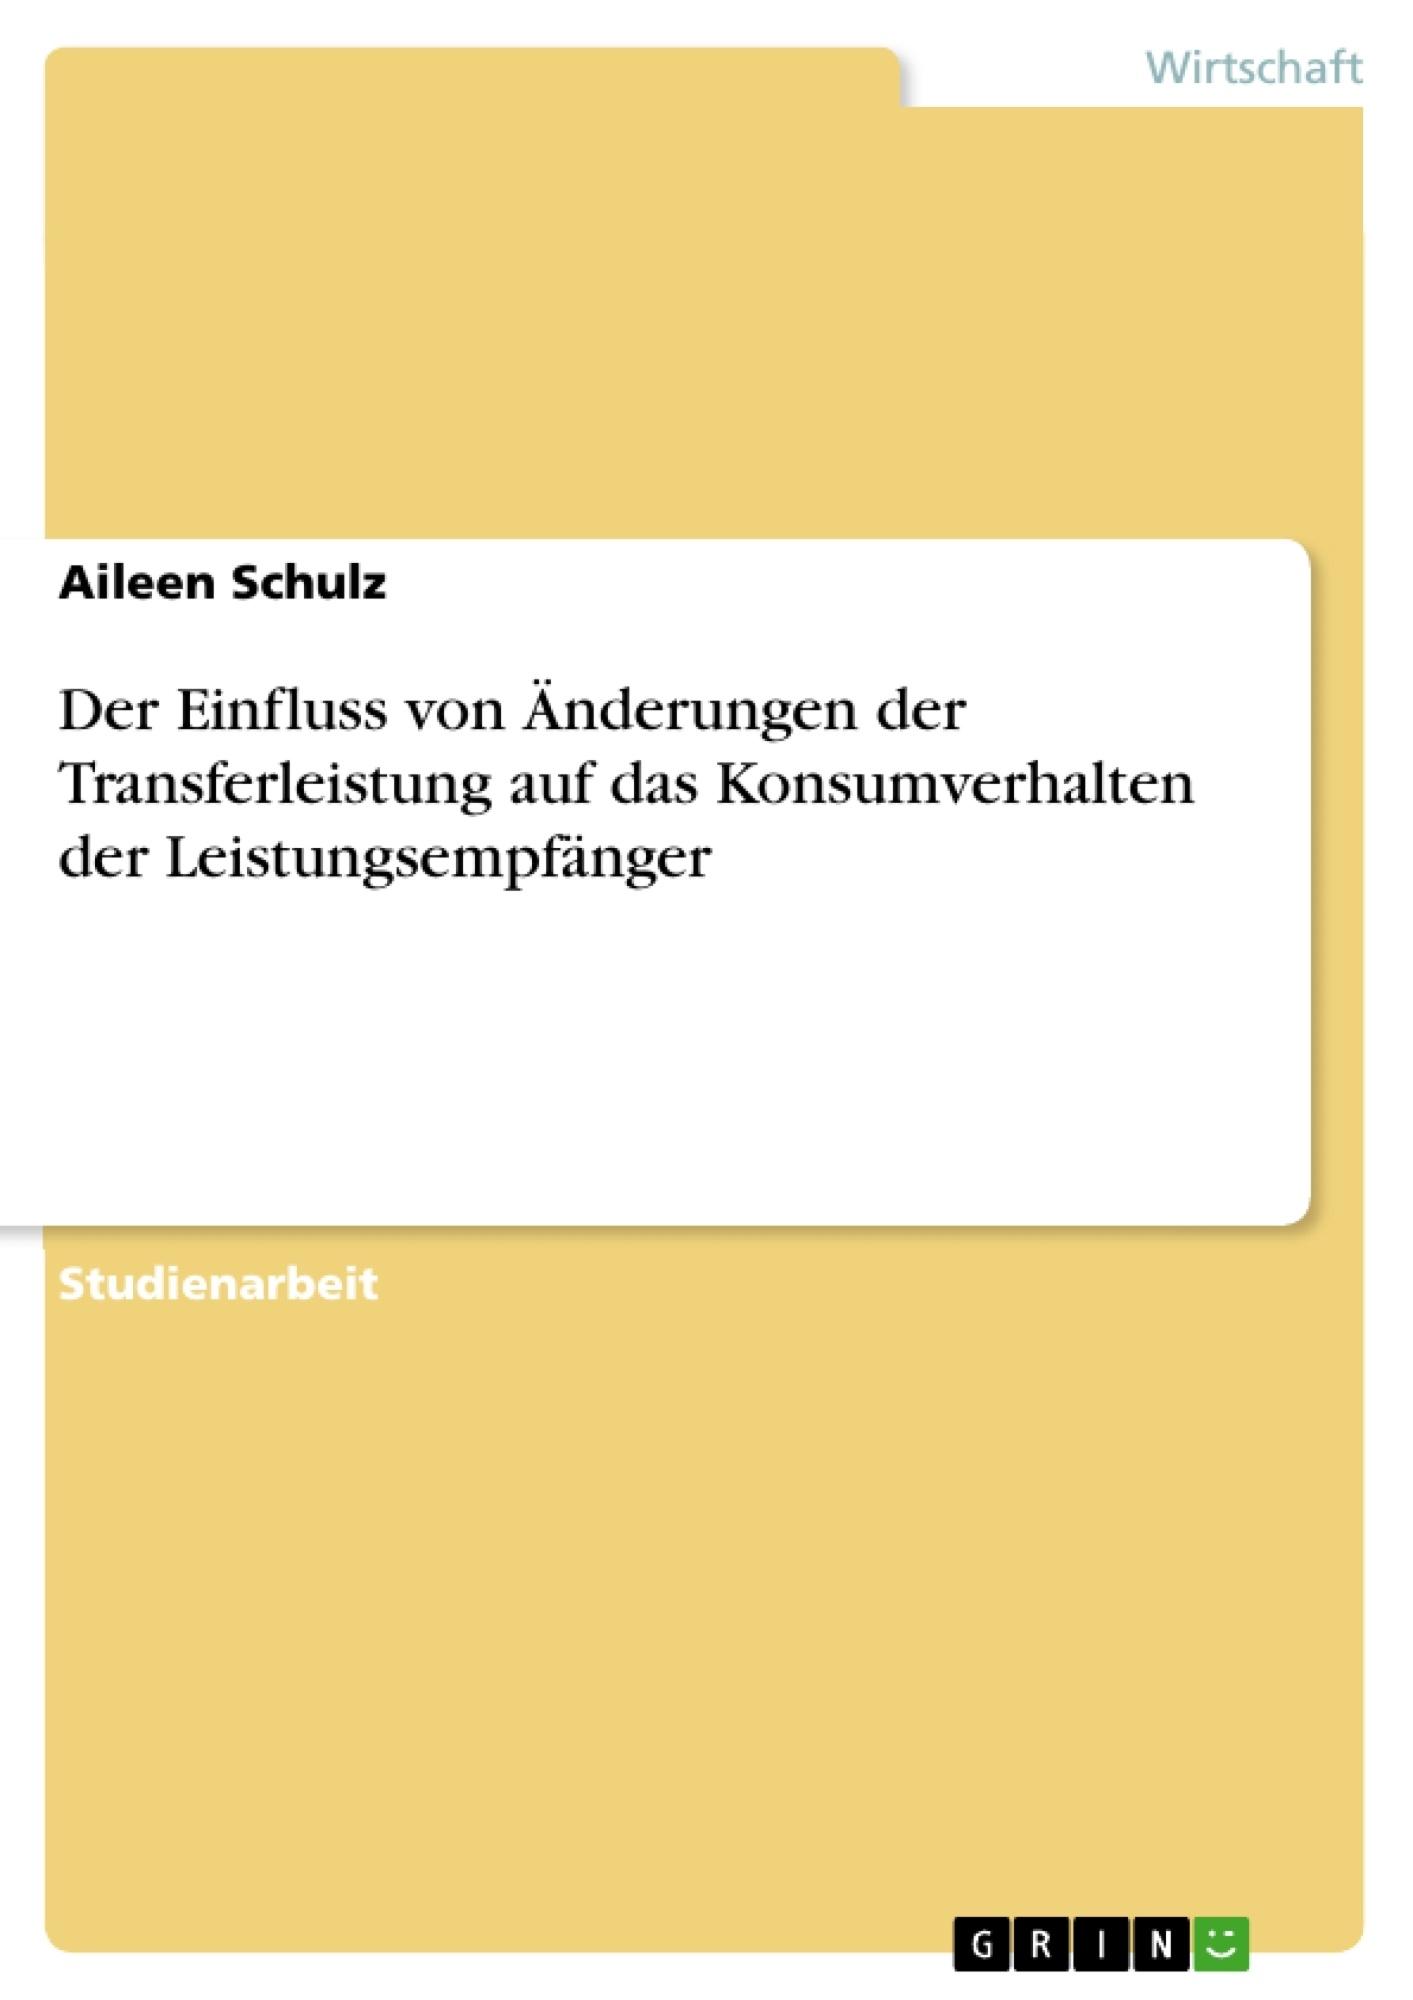 Titel: Der Einfluss von Änderungen der Transferleistung auf das Konsumverhalten der Leistungsempfänger